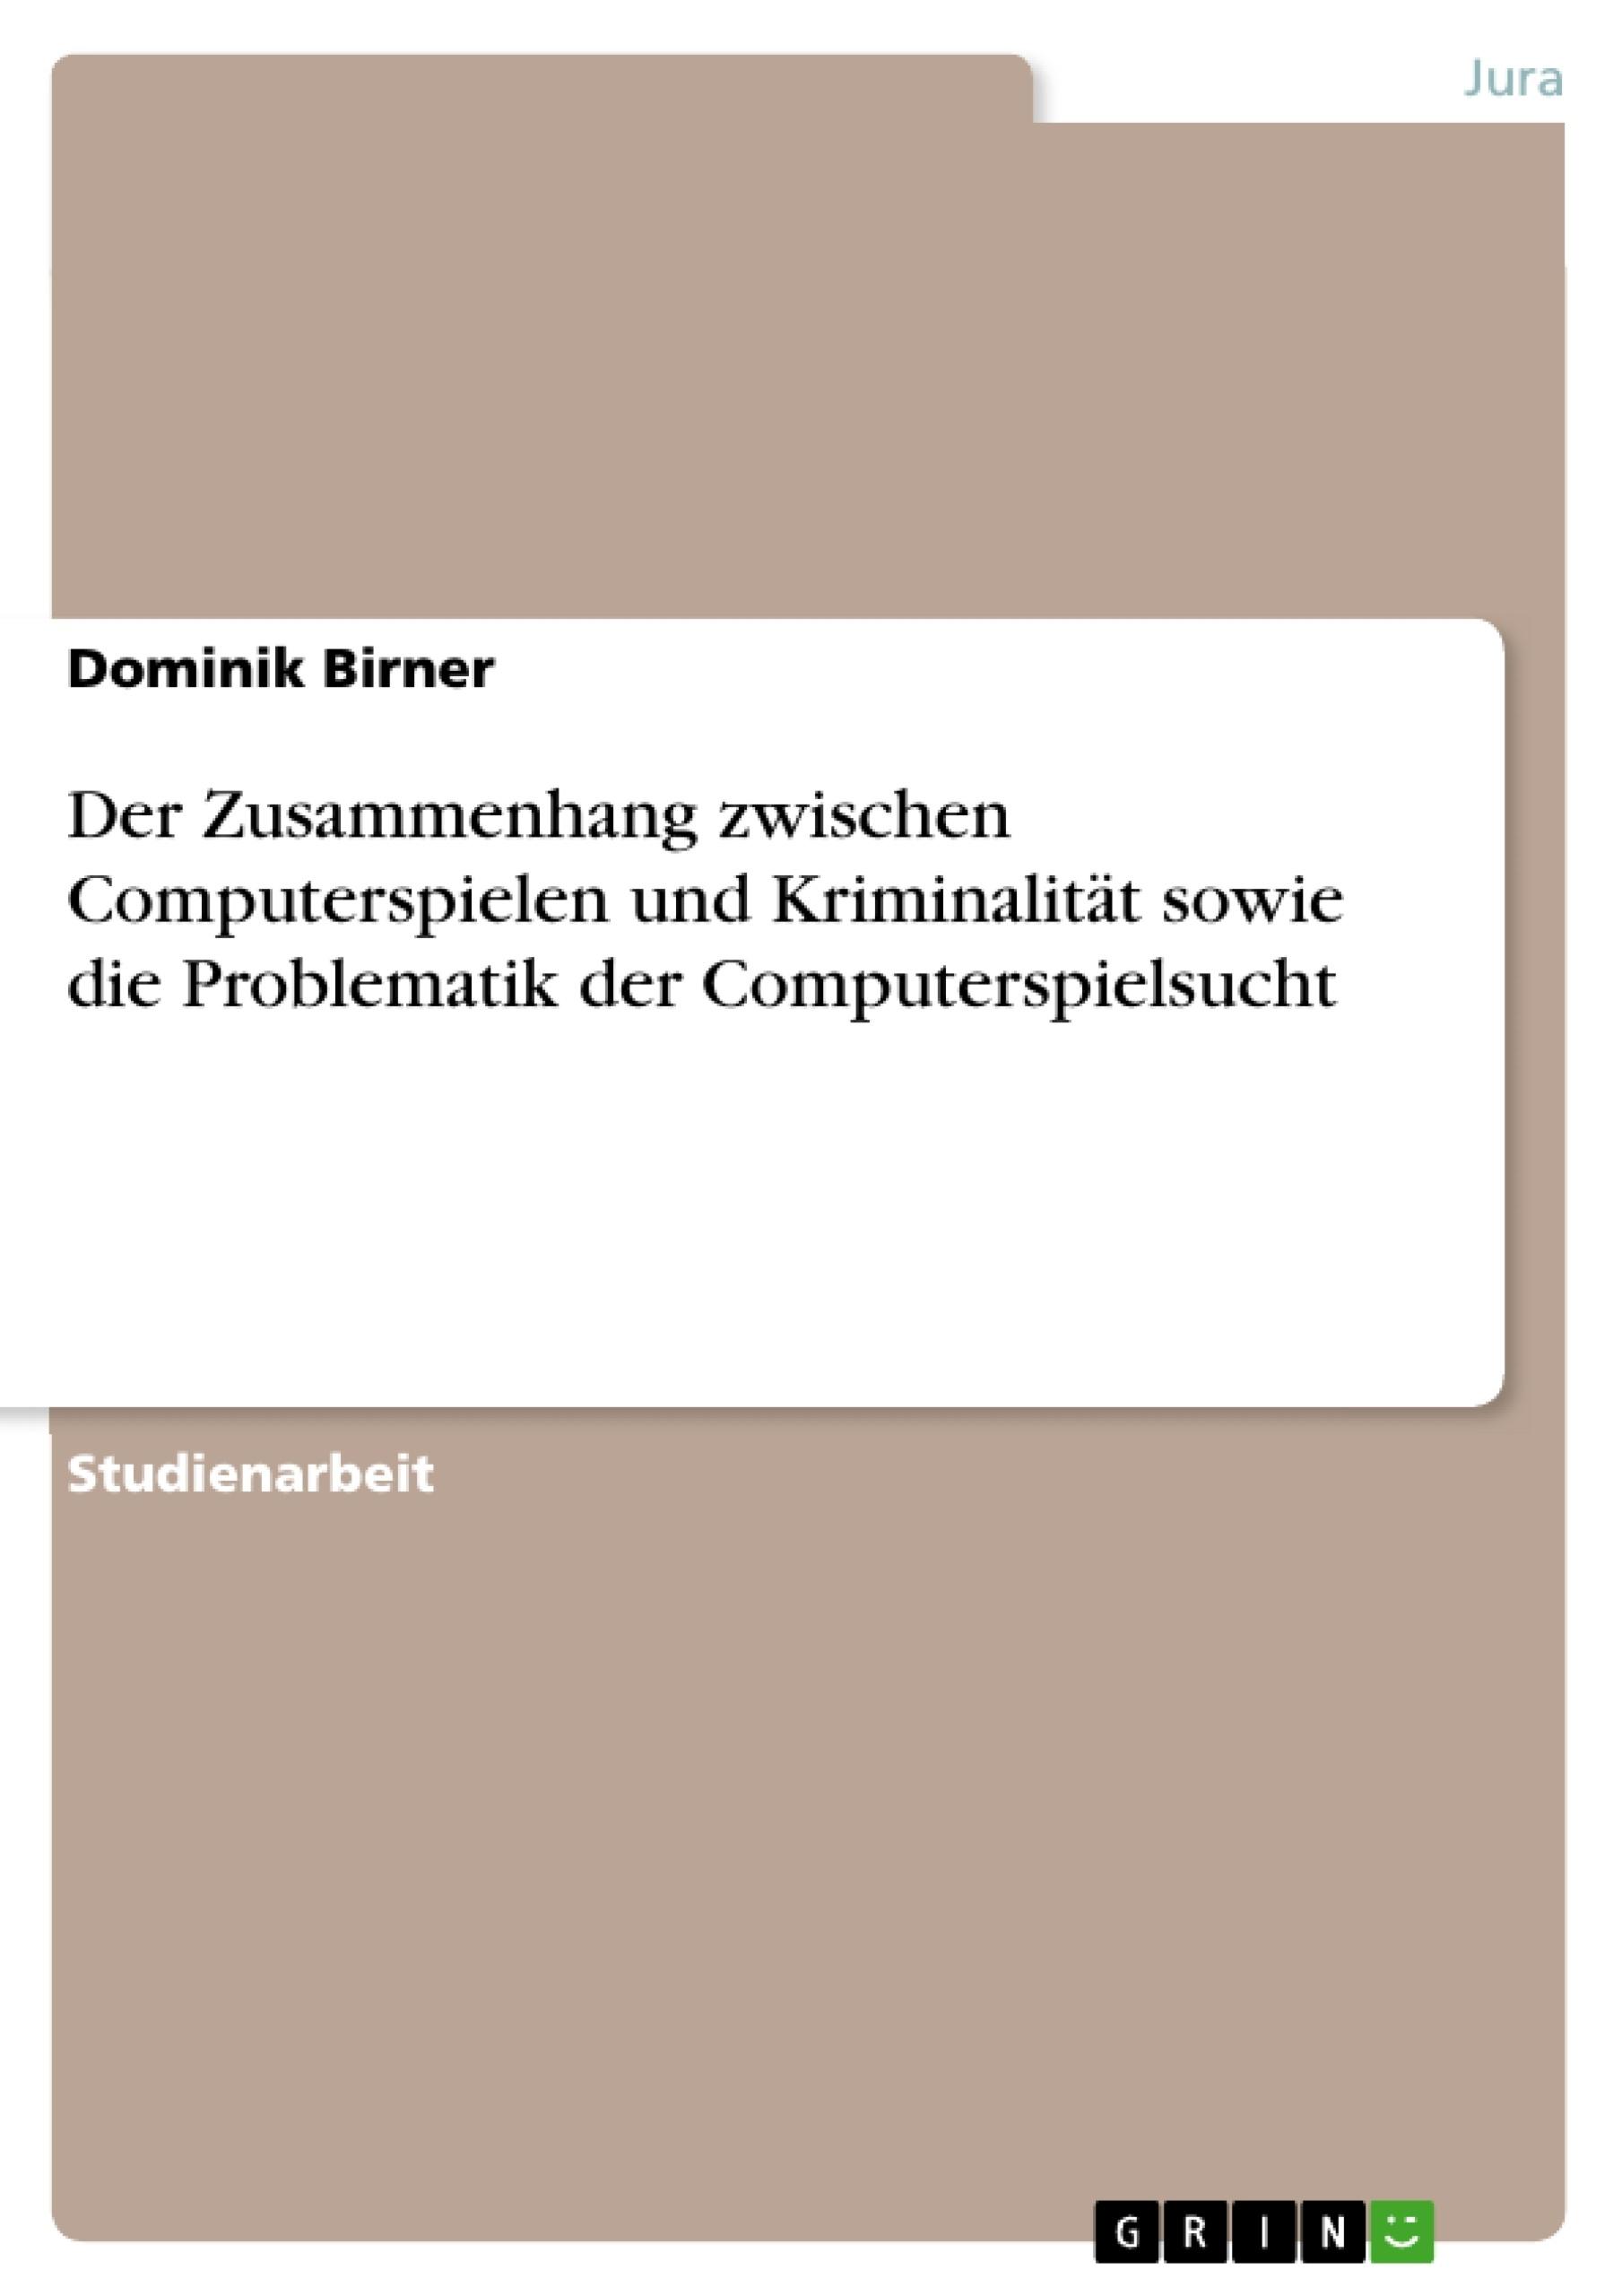 Titel: Der Zusammenhang zwischen Computerspielen und Kriminalität sowie die Problematik der Computerspielsucht